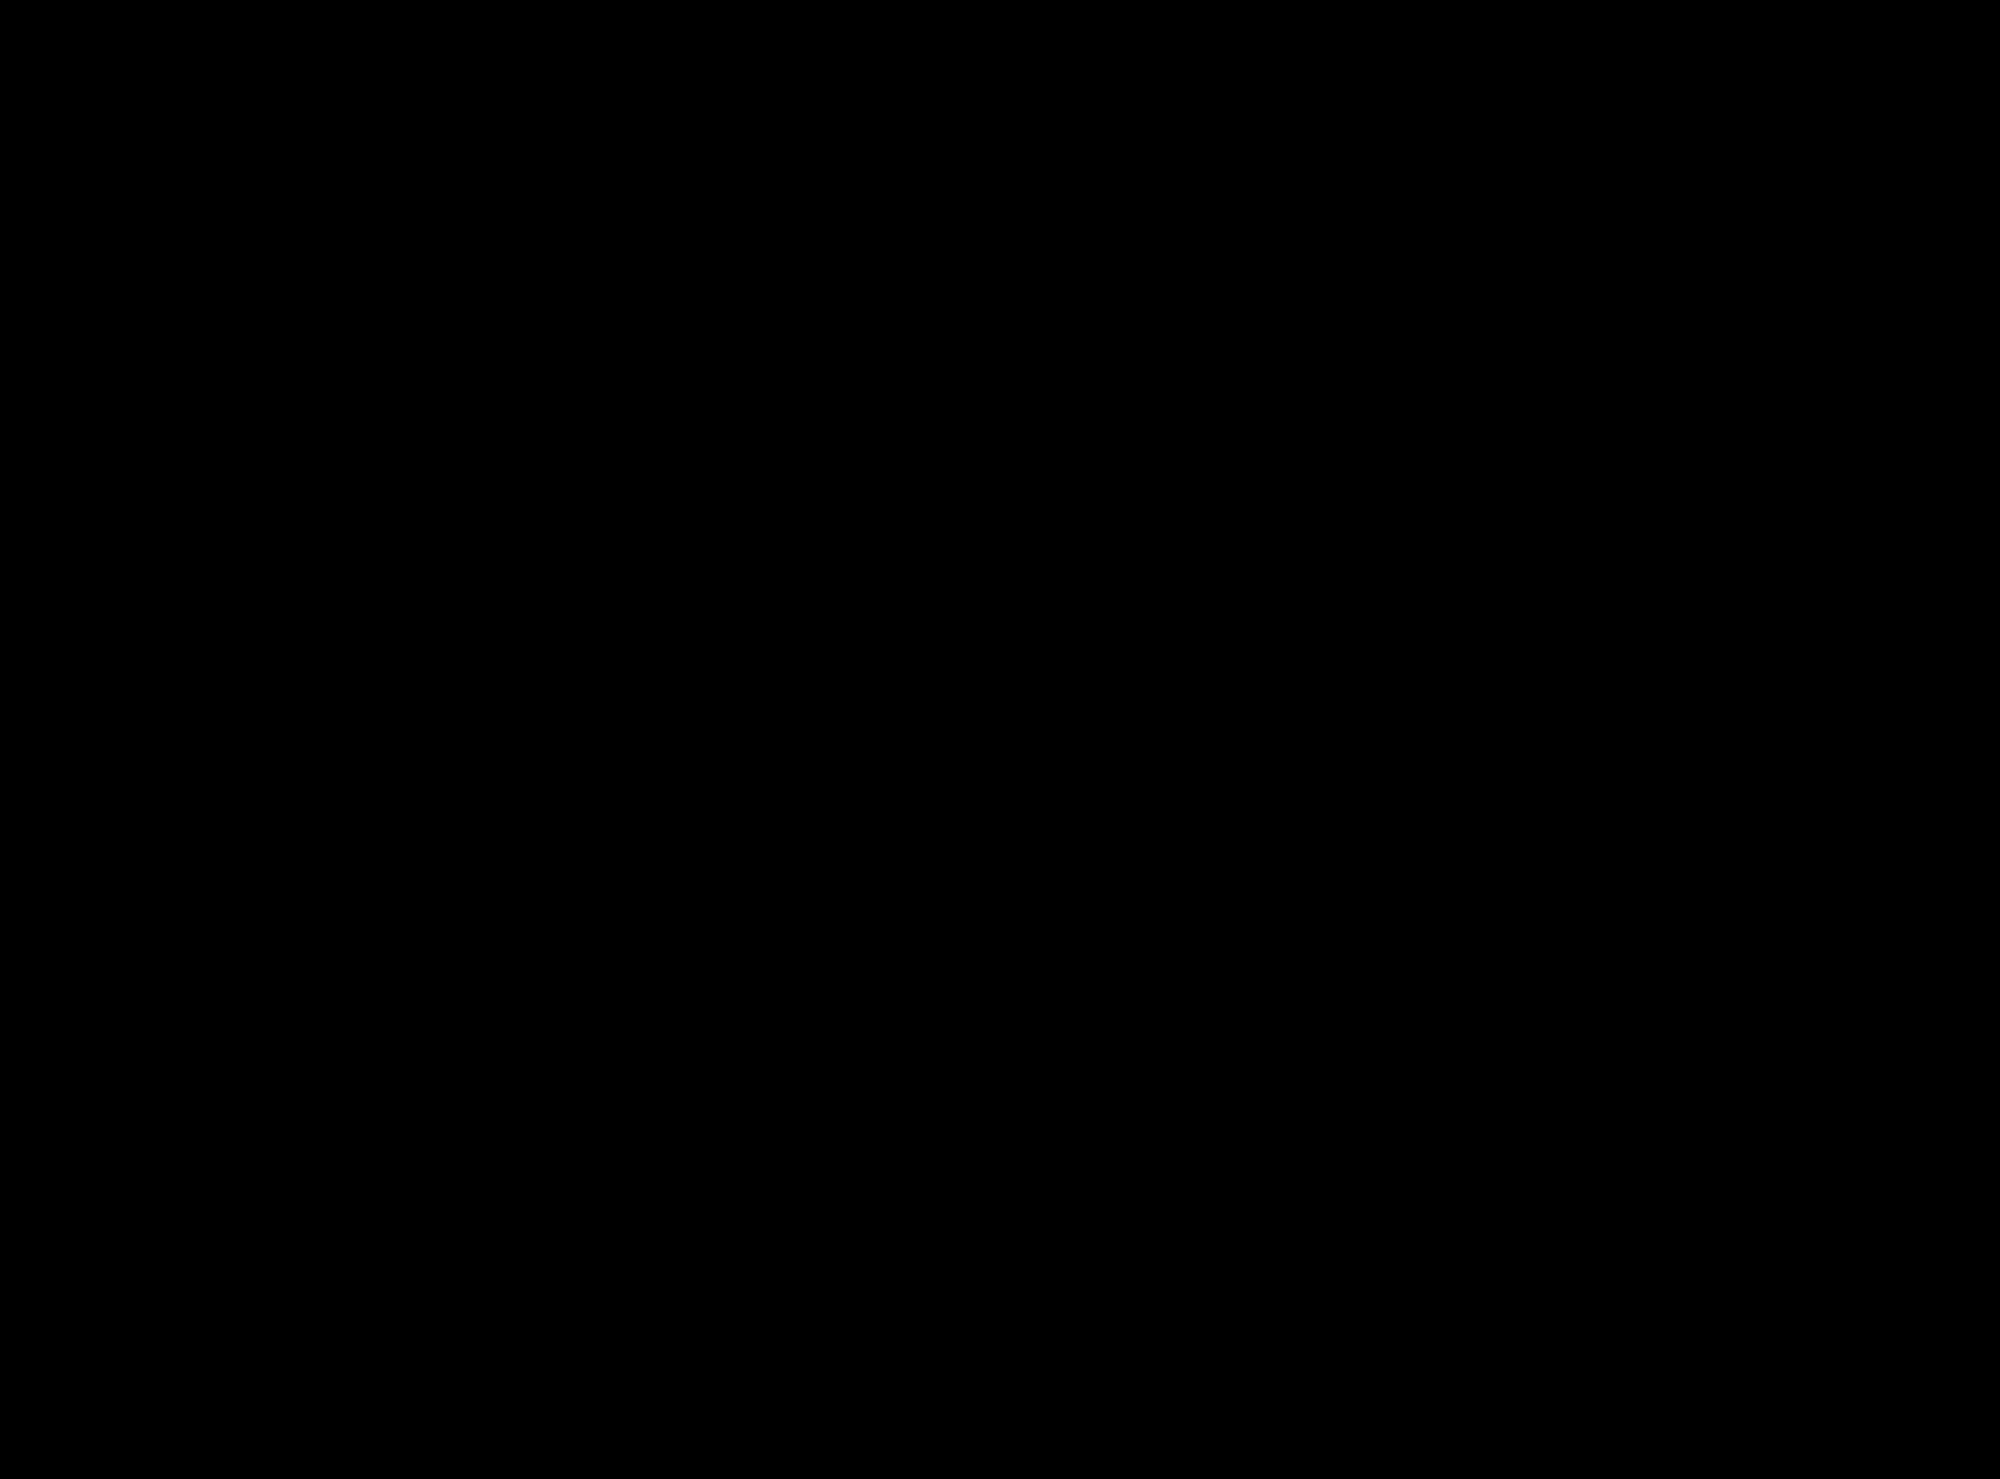 logo-workshop.png